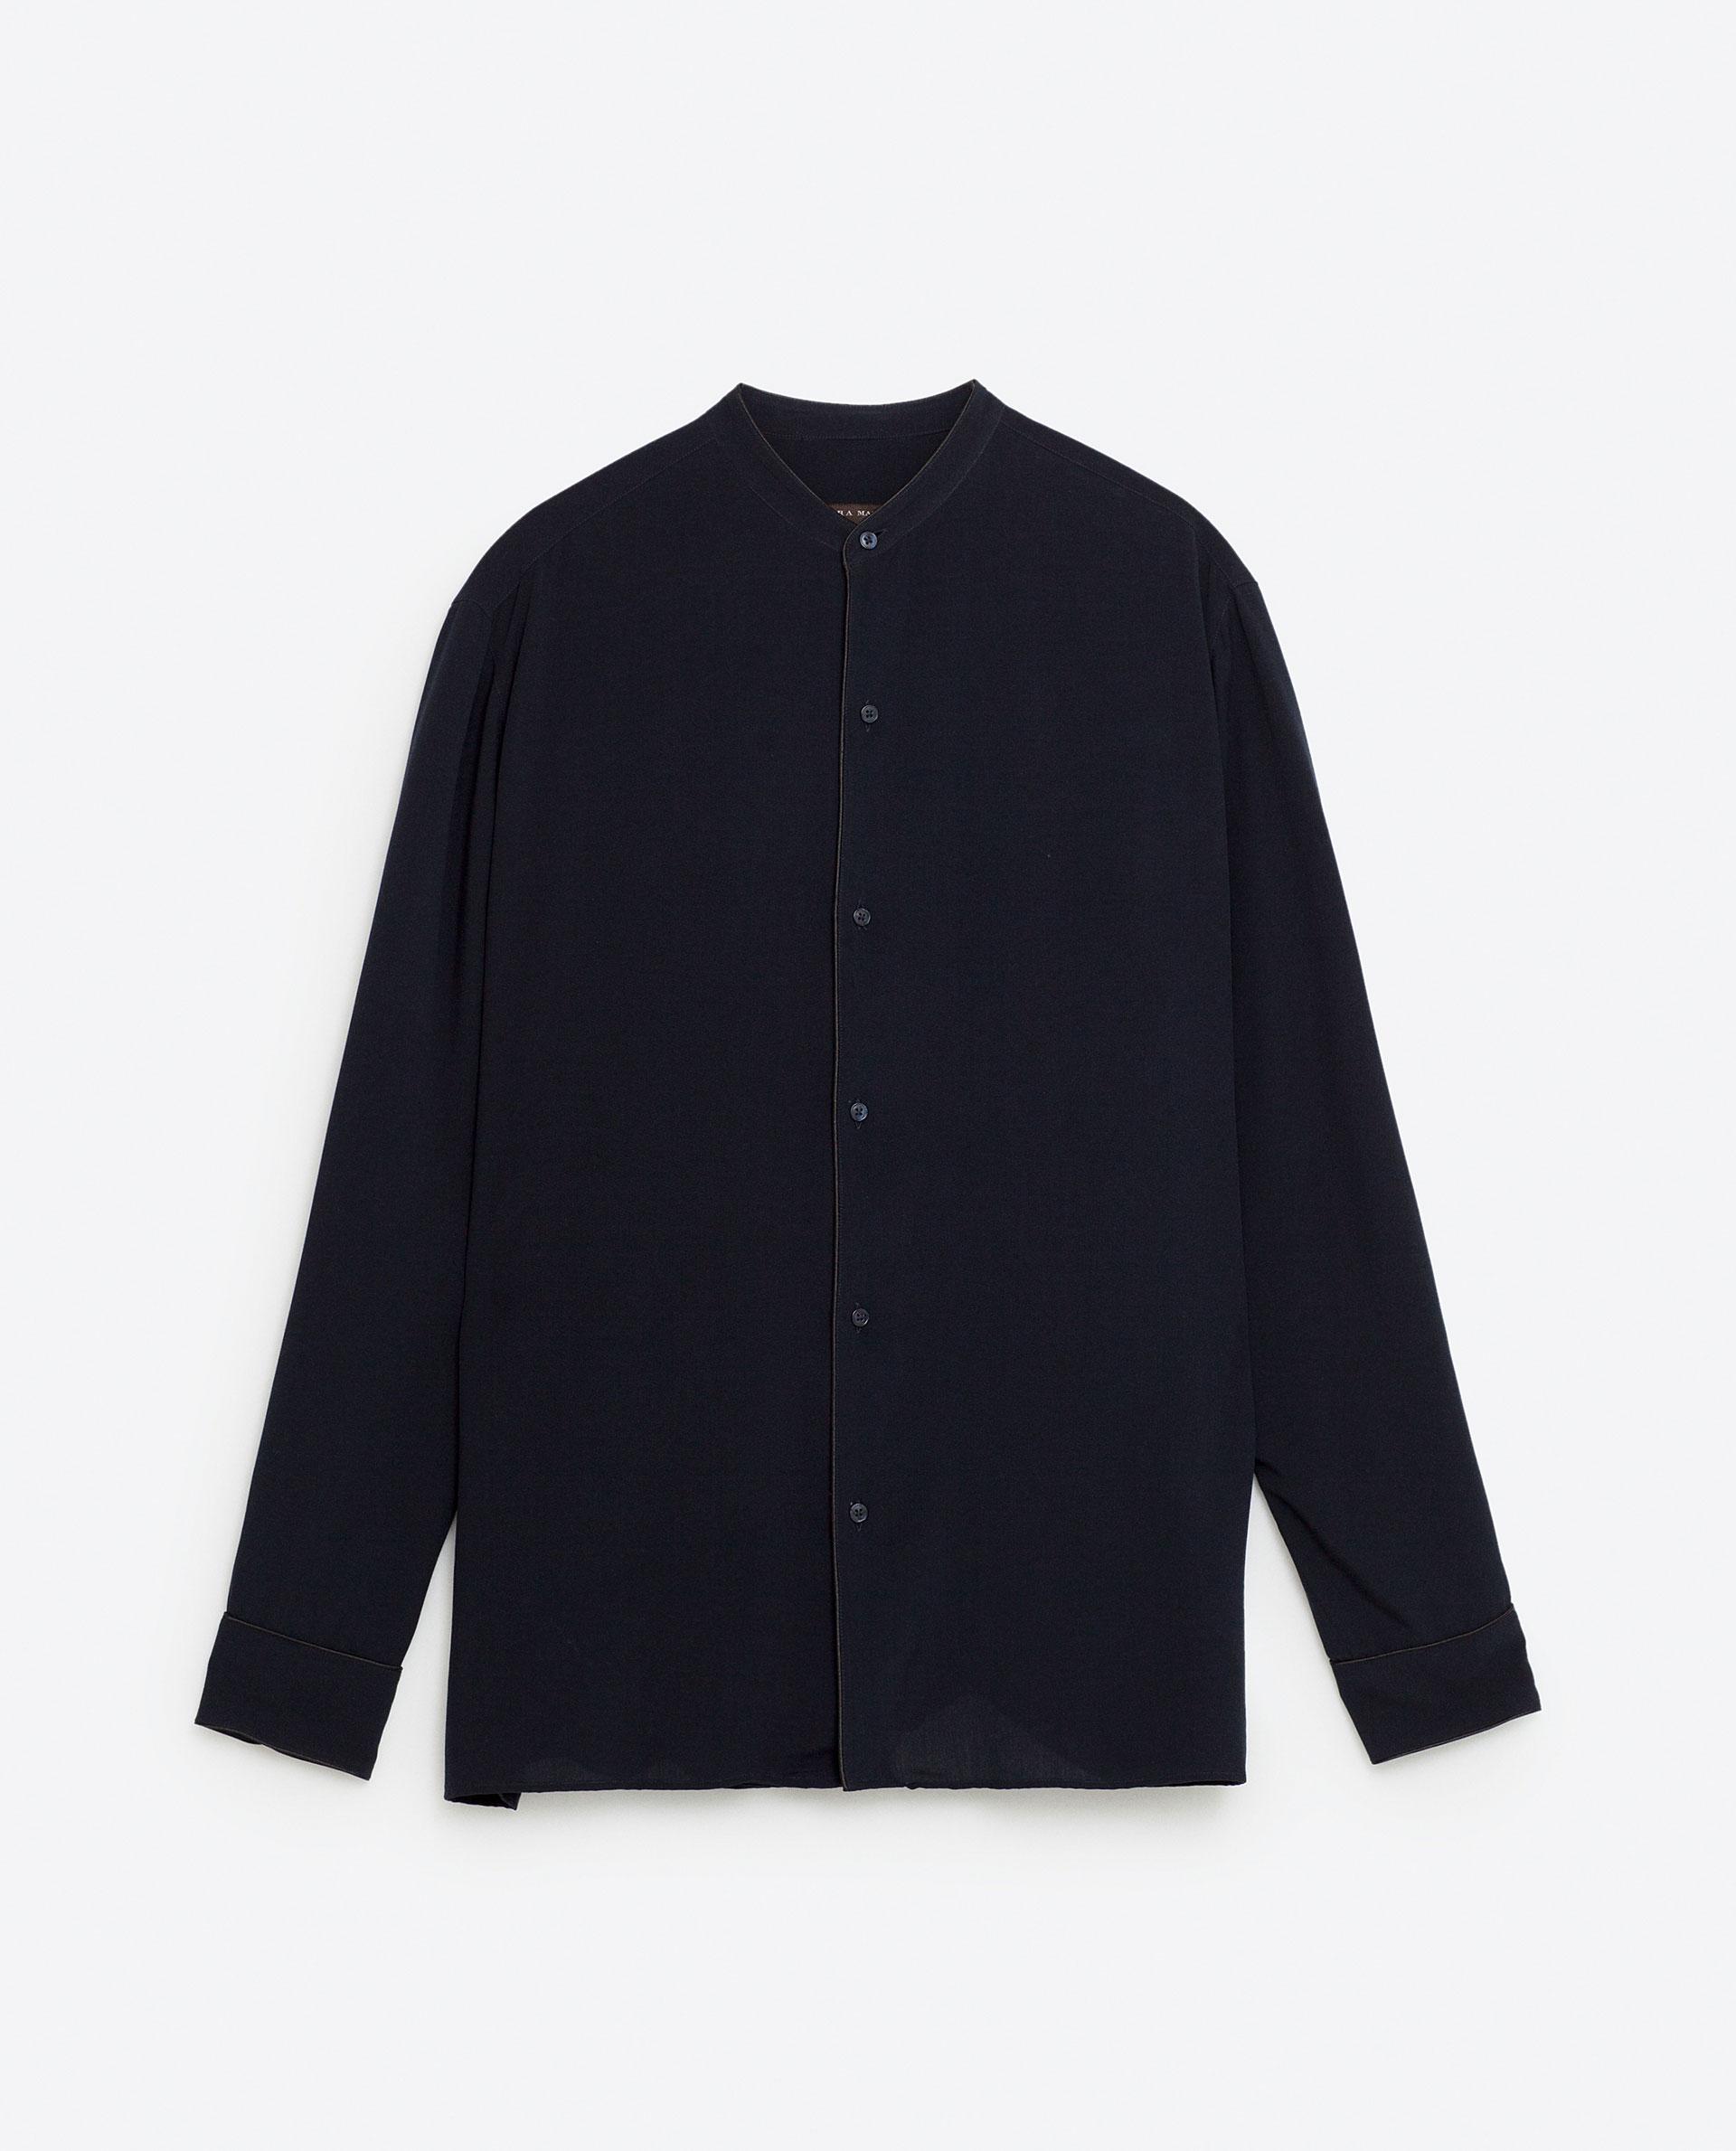 Viscose shirt, £29.99 ( zara.com )